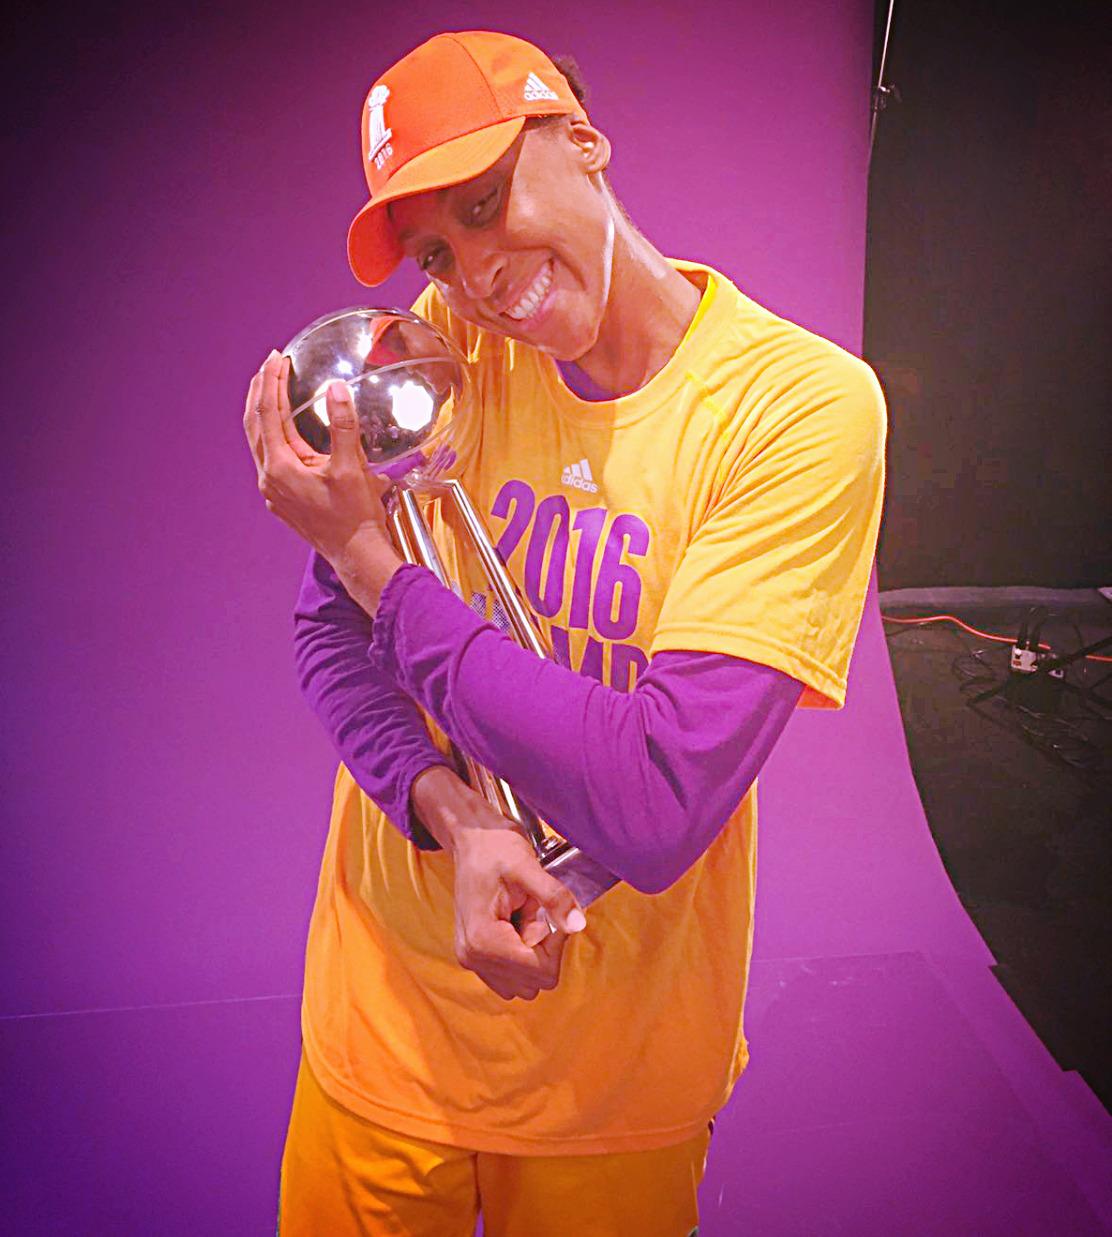 Sandrine Gruda WNBA Champ_edited